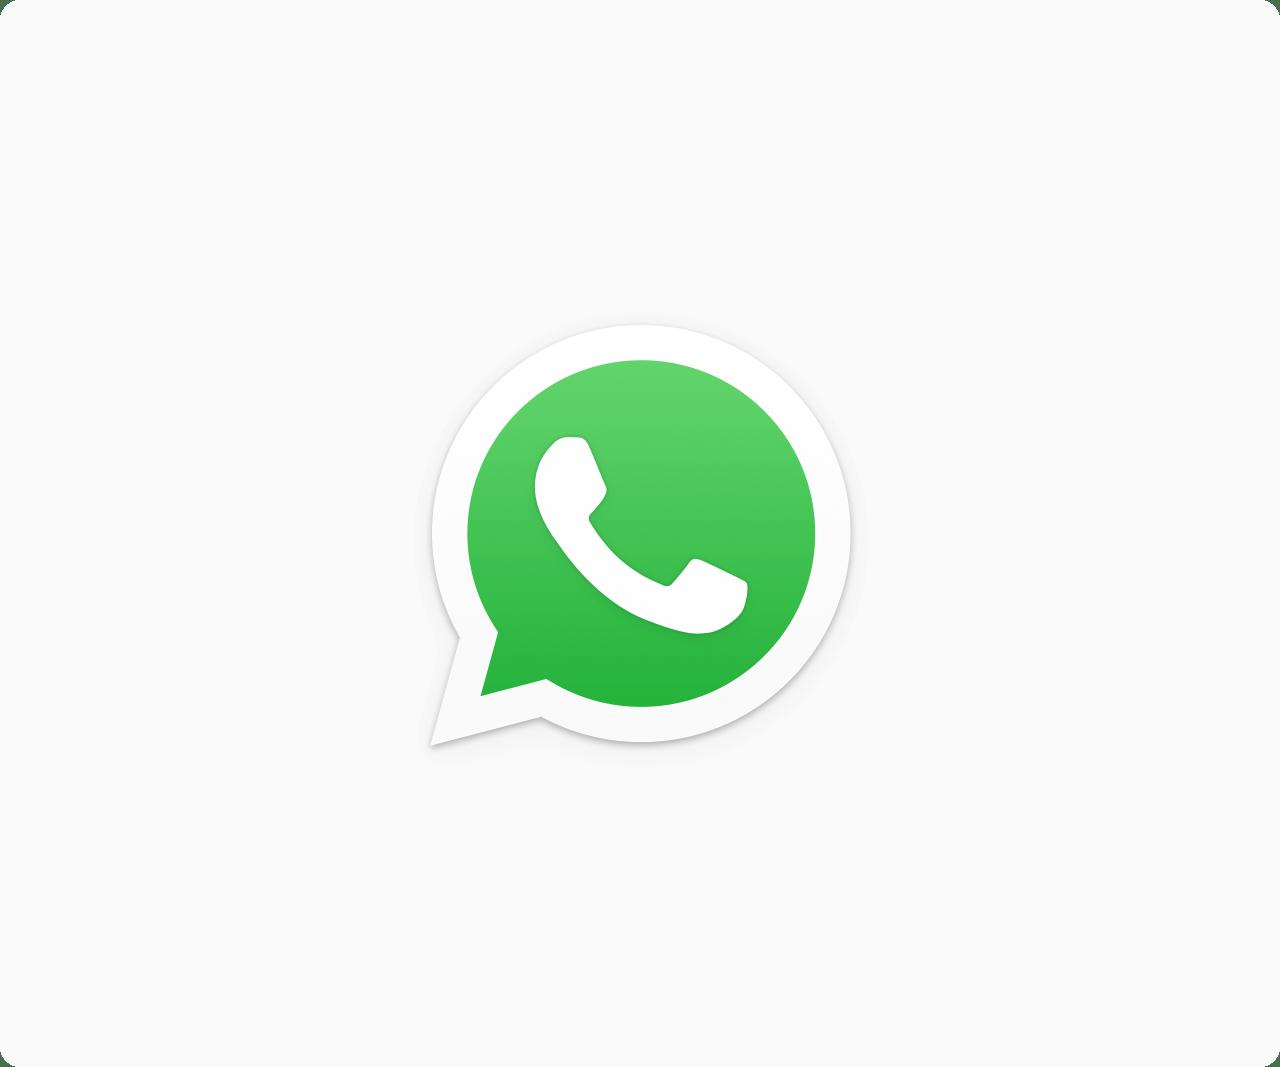 Logo do WhatsApp PNG [Fundo Transparente e com Fundo